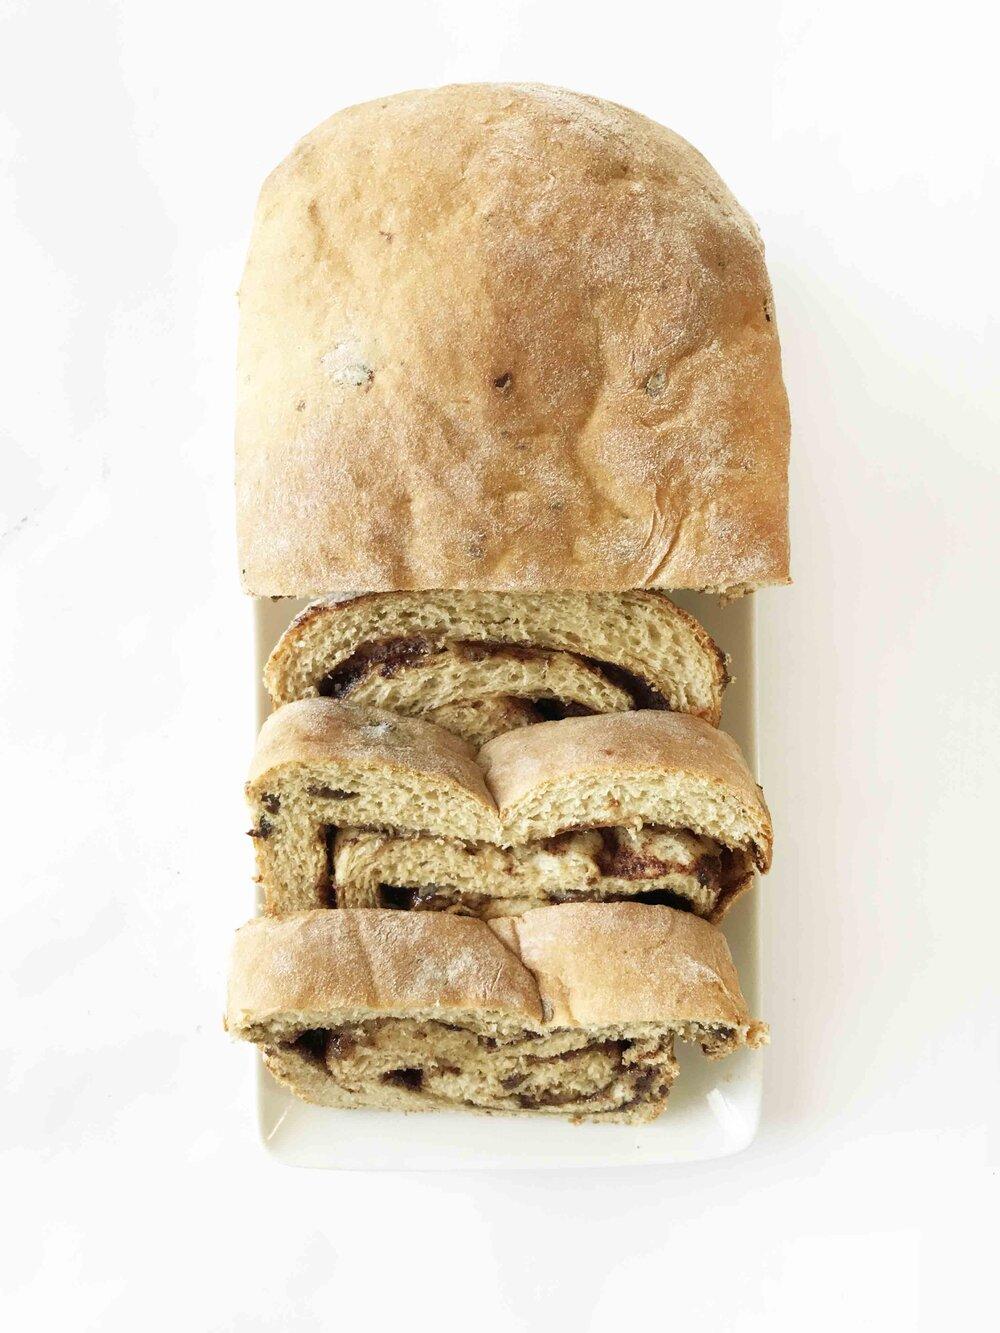 cinnamon-raisin-bread9.jpg